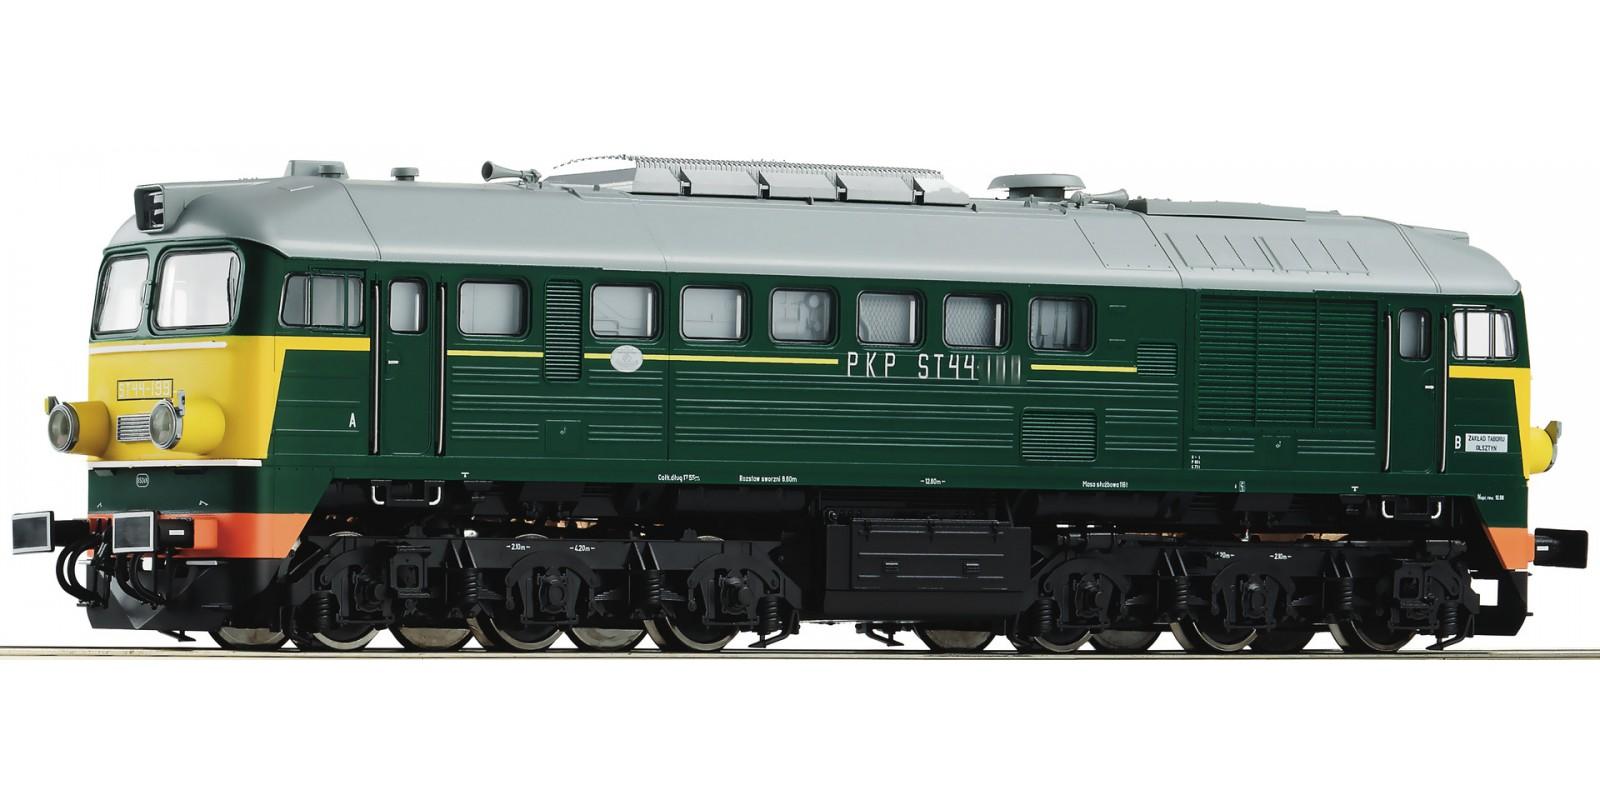 RO72878 - Diesel locomotive ST44, PKP